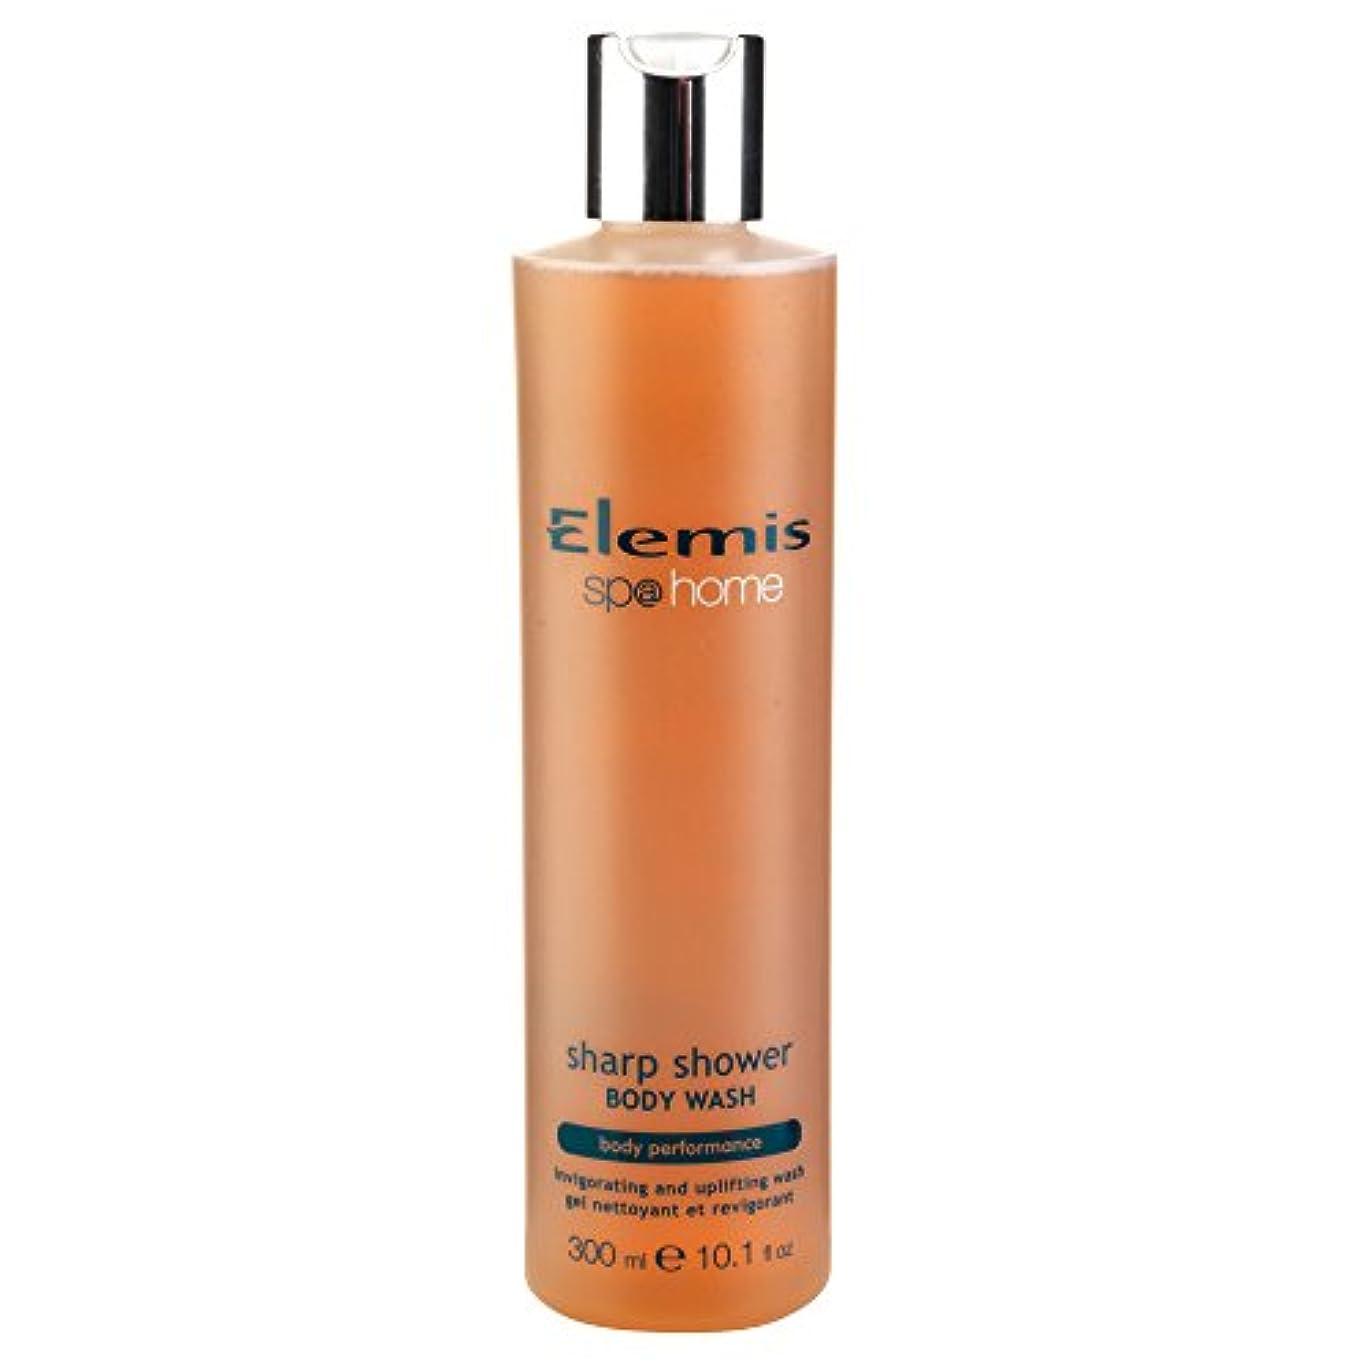 修道院オートインカ帝国エレミスシャープシャワーボディウォッシュ300ミリリットル (Elemis) - Elemis Sharp Shower Body Wash 300ml [並行輸入品]